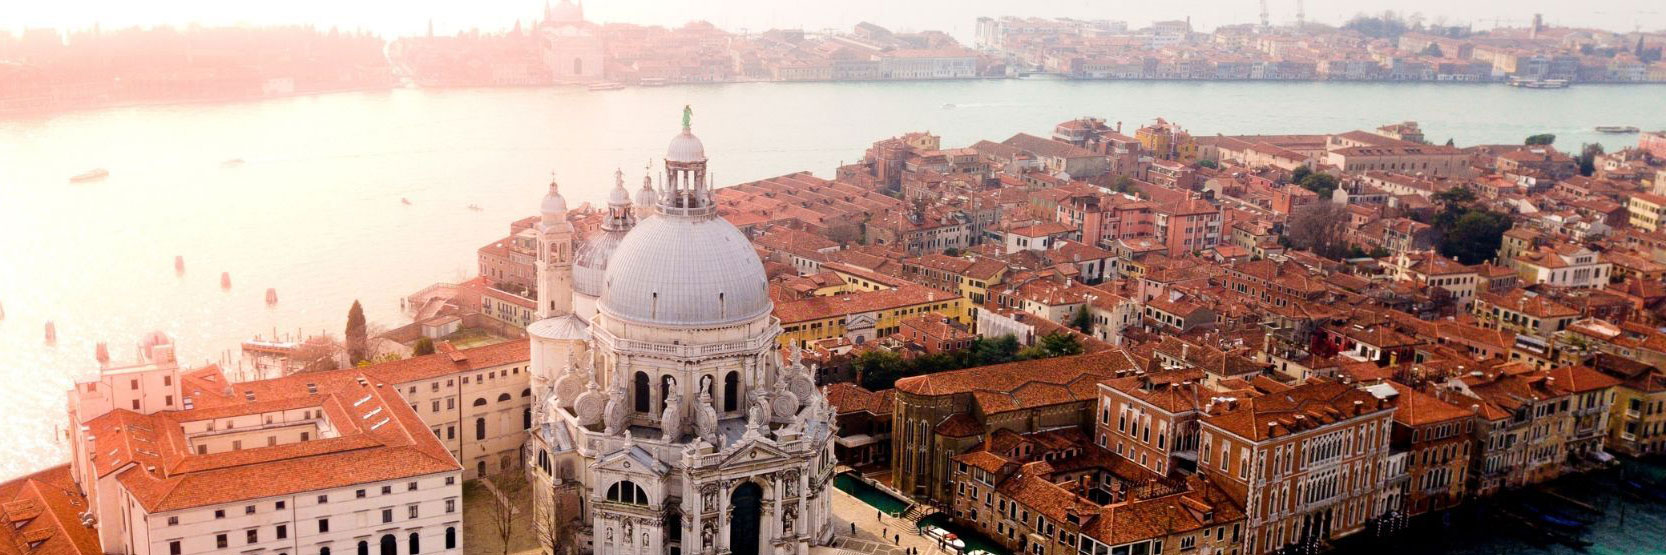 السياحة في ايطاليا وأهم معالمها